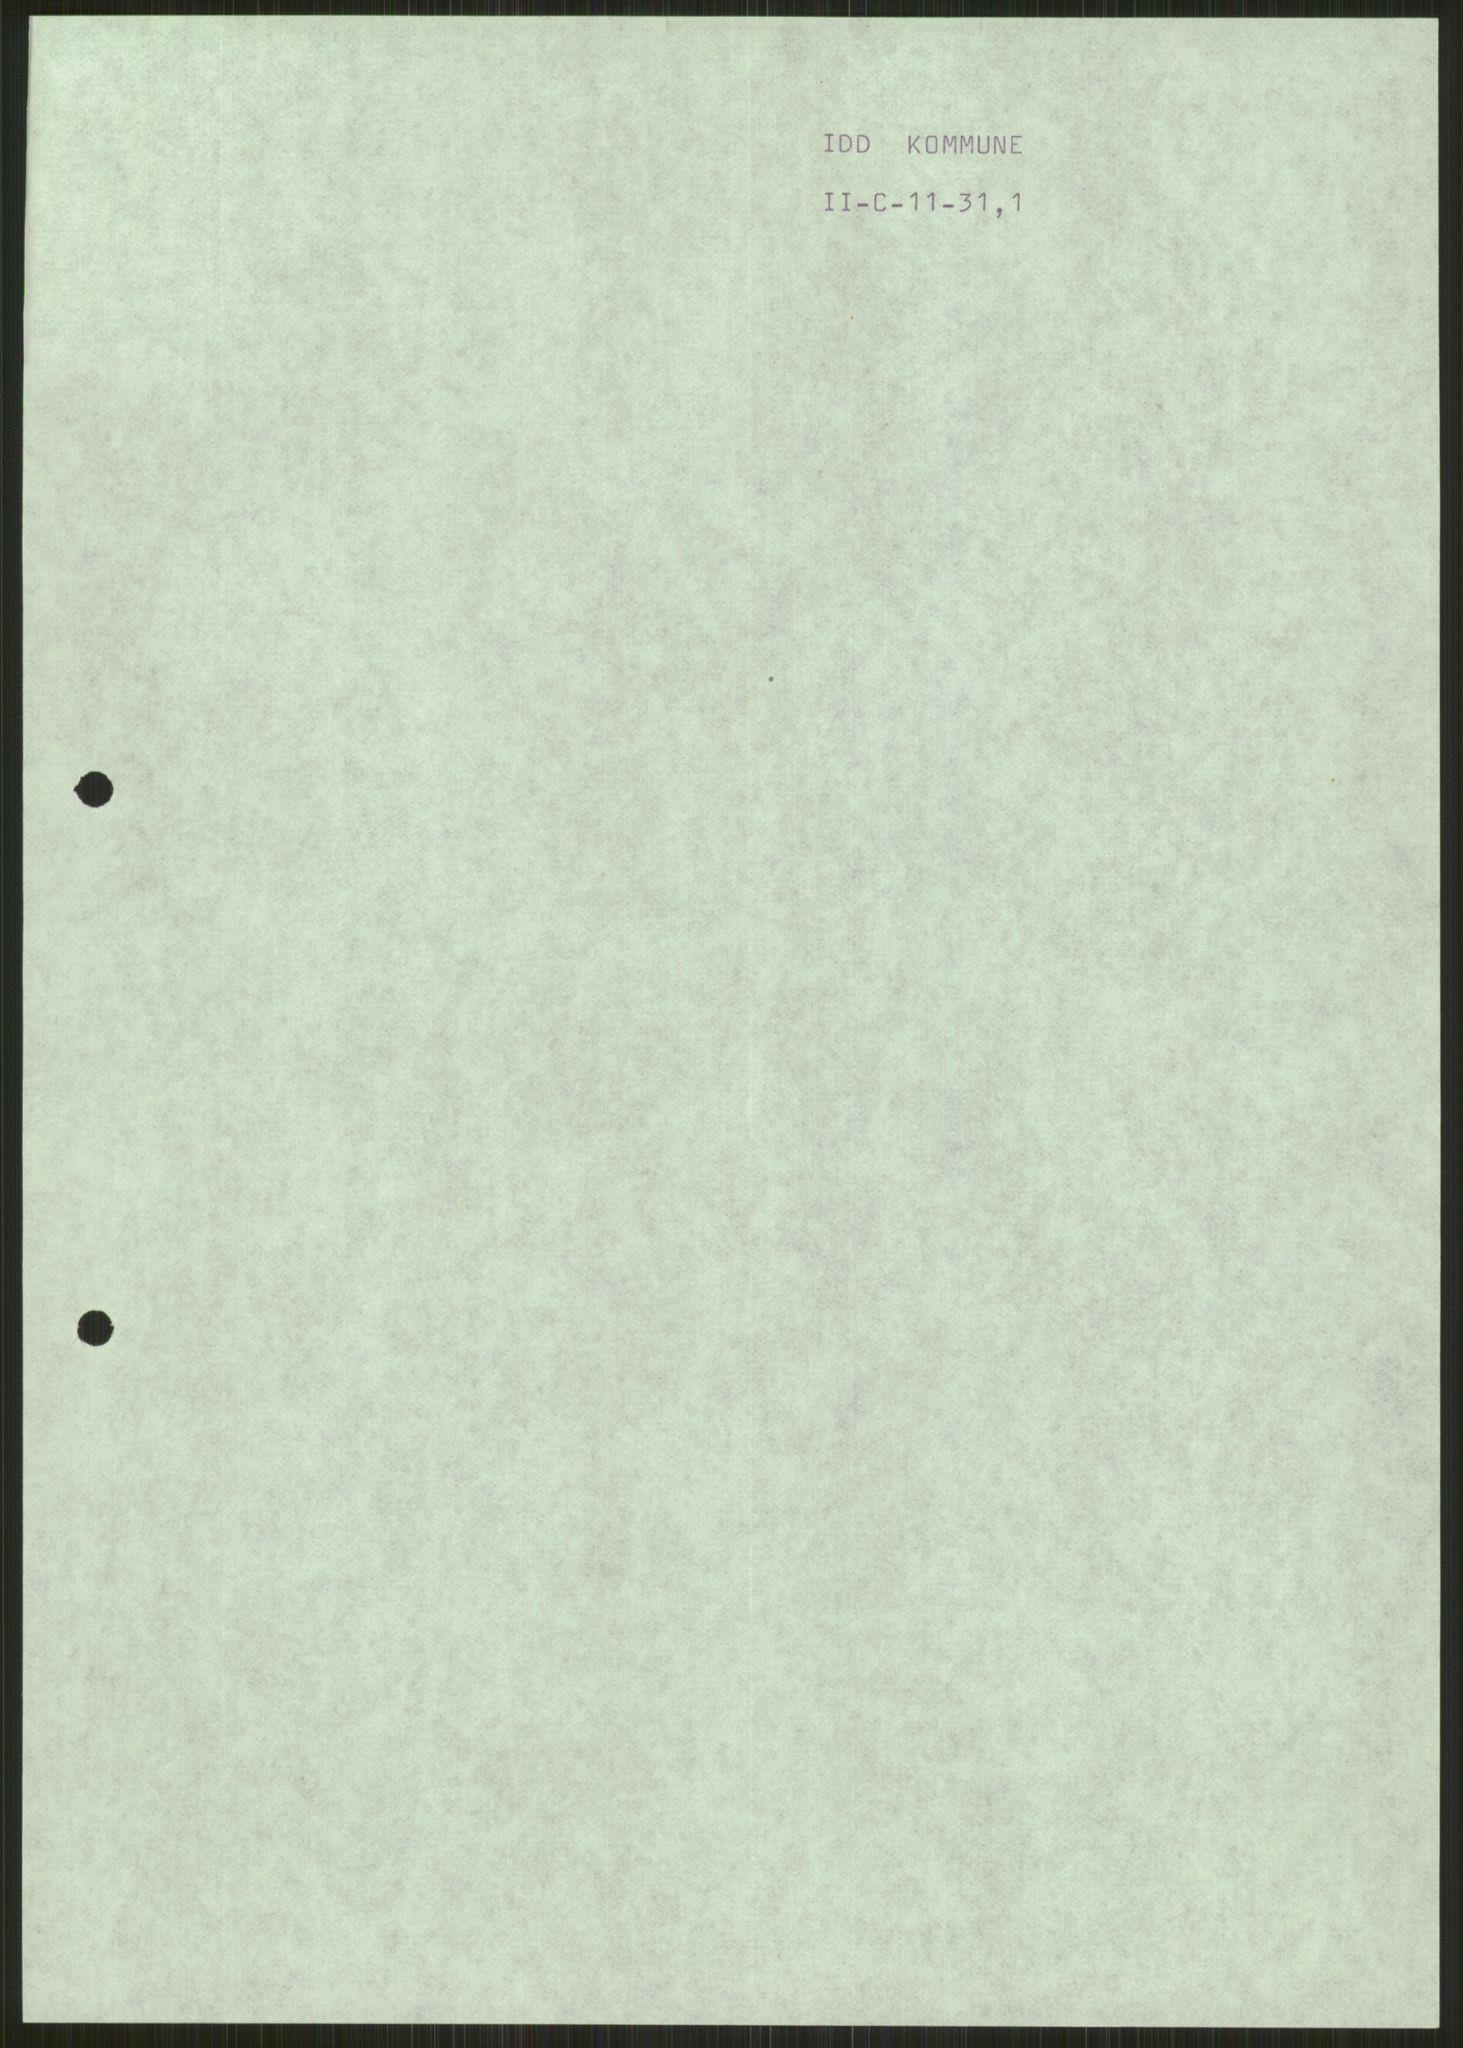 RA, Forsvaret, Forsvarets krigshistoriske avdeling, Y/Ya/L0013: II-C-11-31 - Fylkesmenn.  Rapporter om krigsbegivenhetene 1940., 1940, s. 87